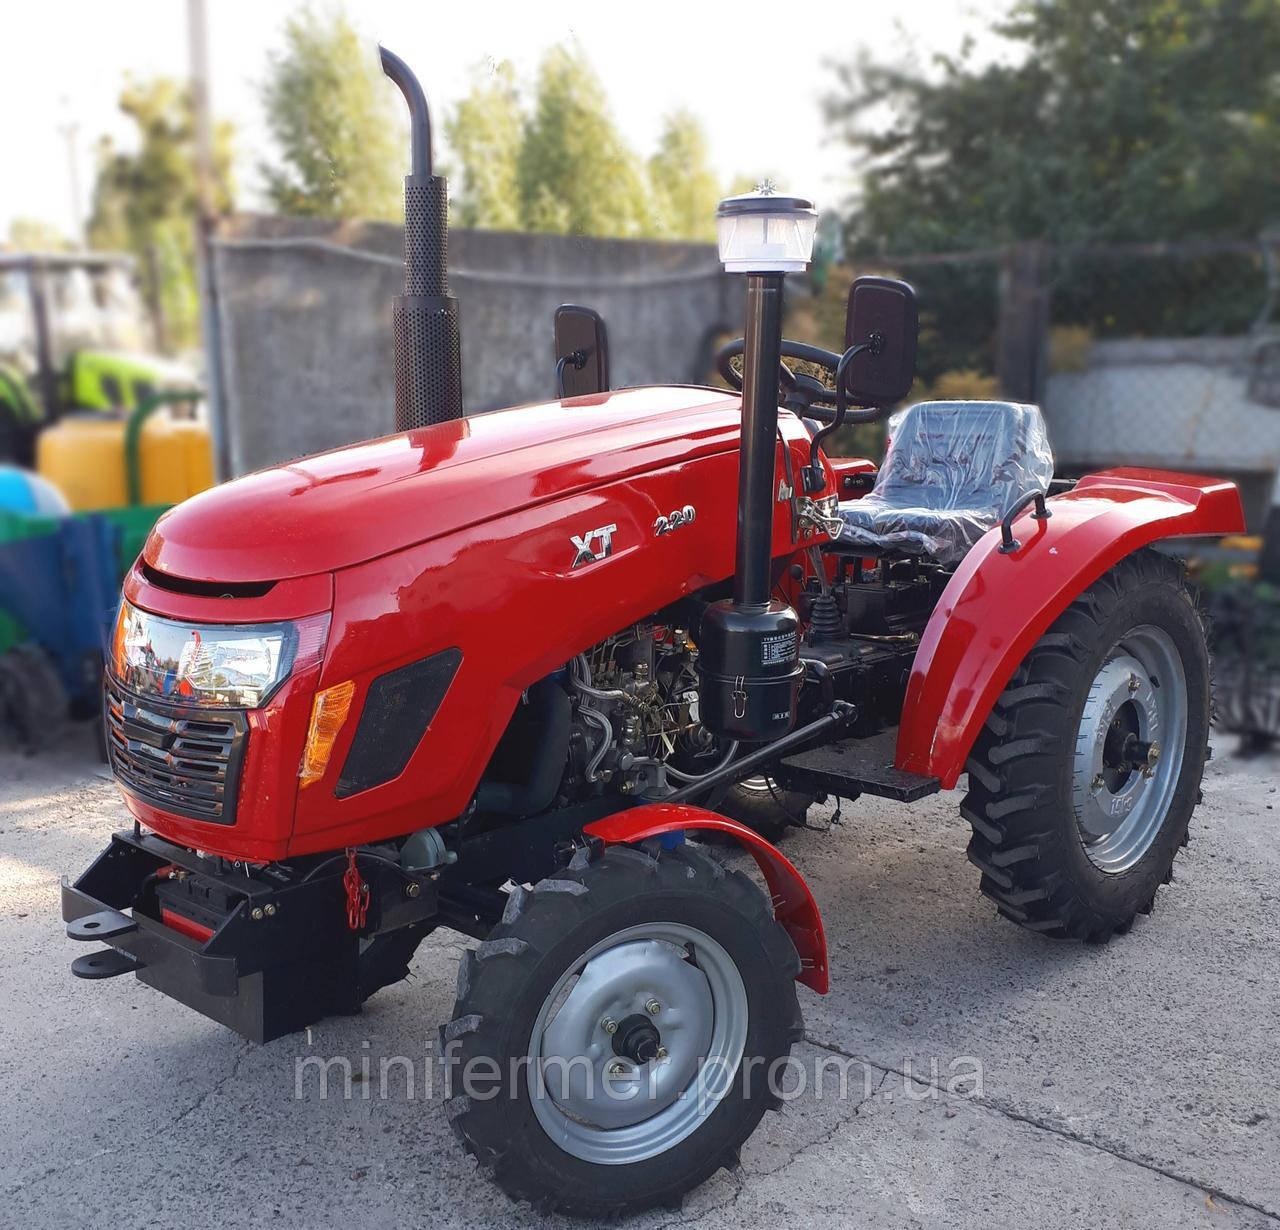 Xingtai ХТ 220 new с регулируемой колеёй